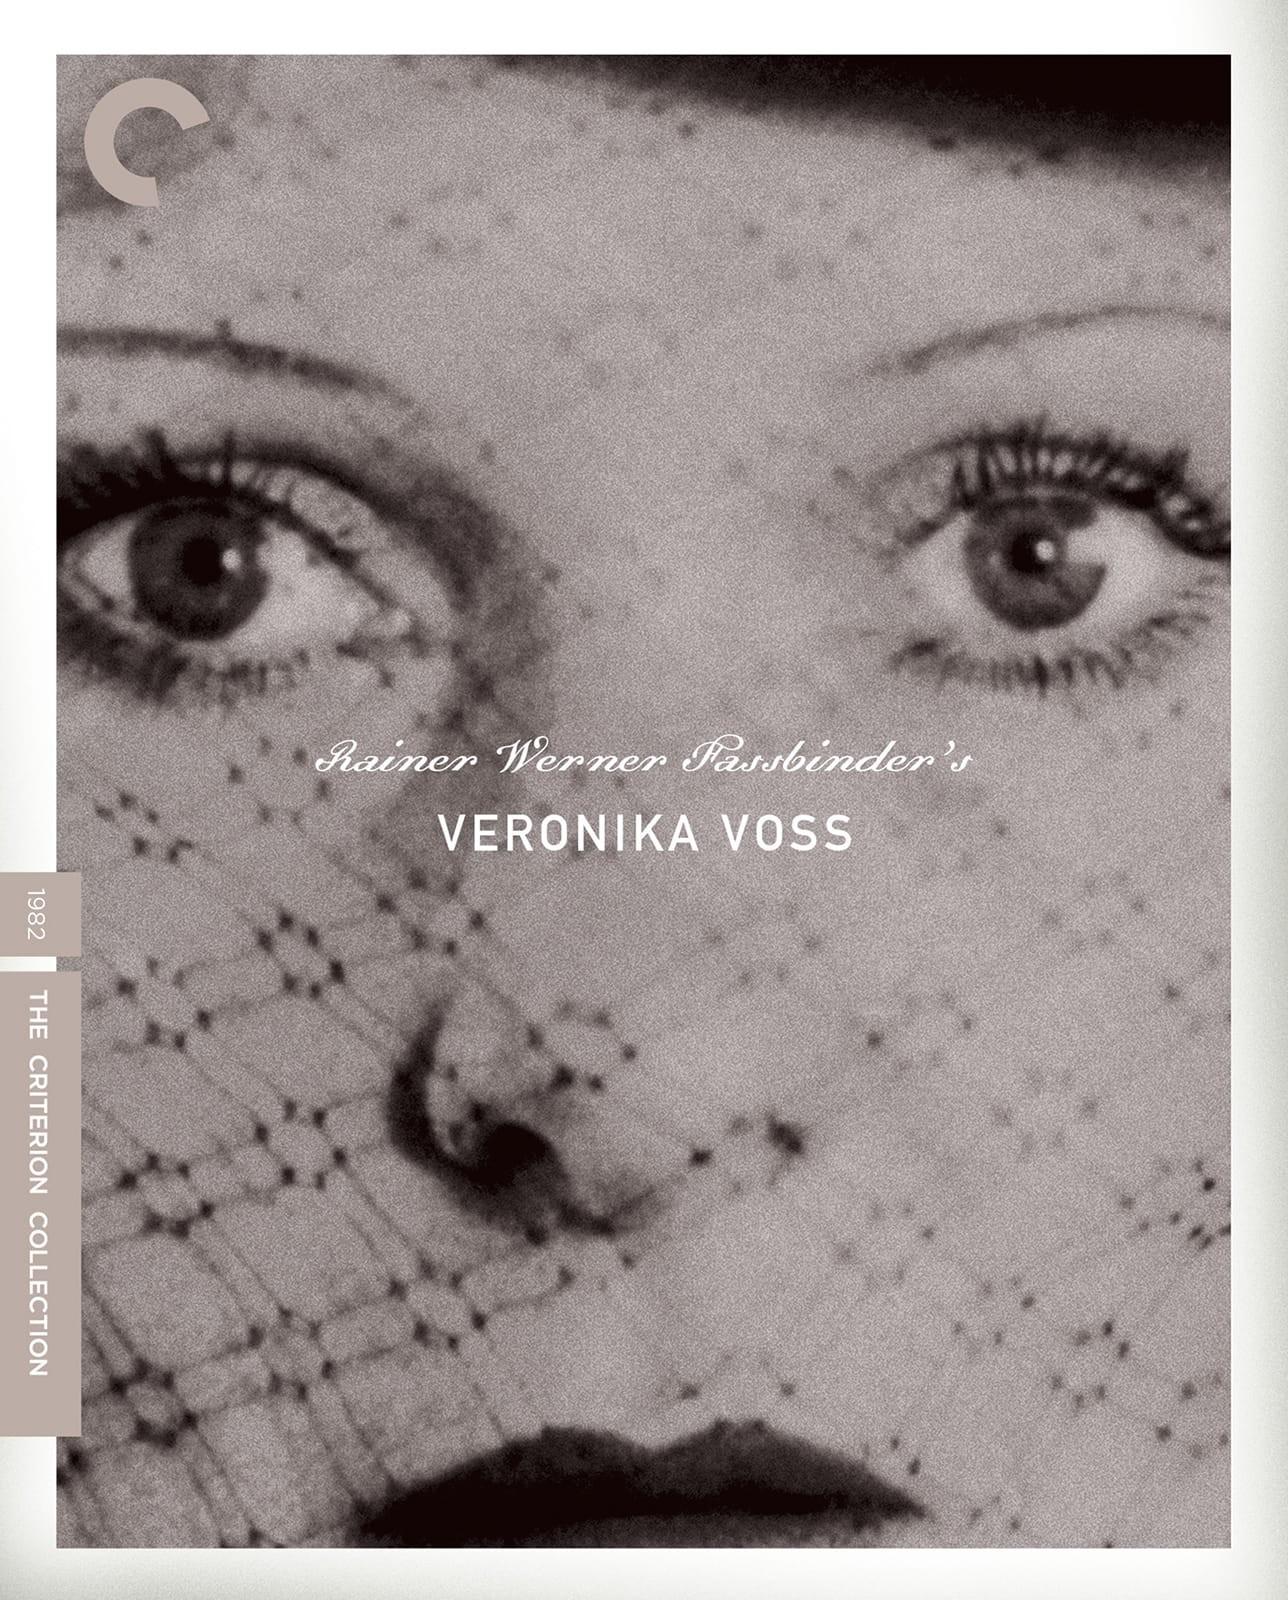 Die Sehnsucht der Veronika Voss kapak